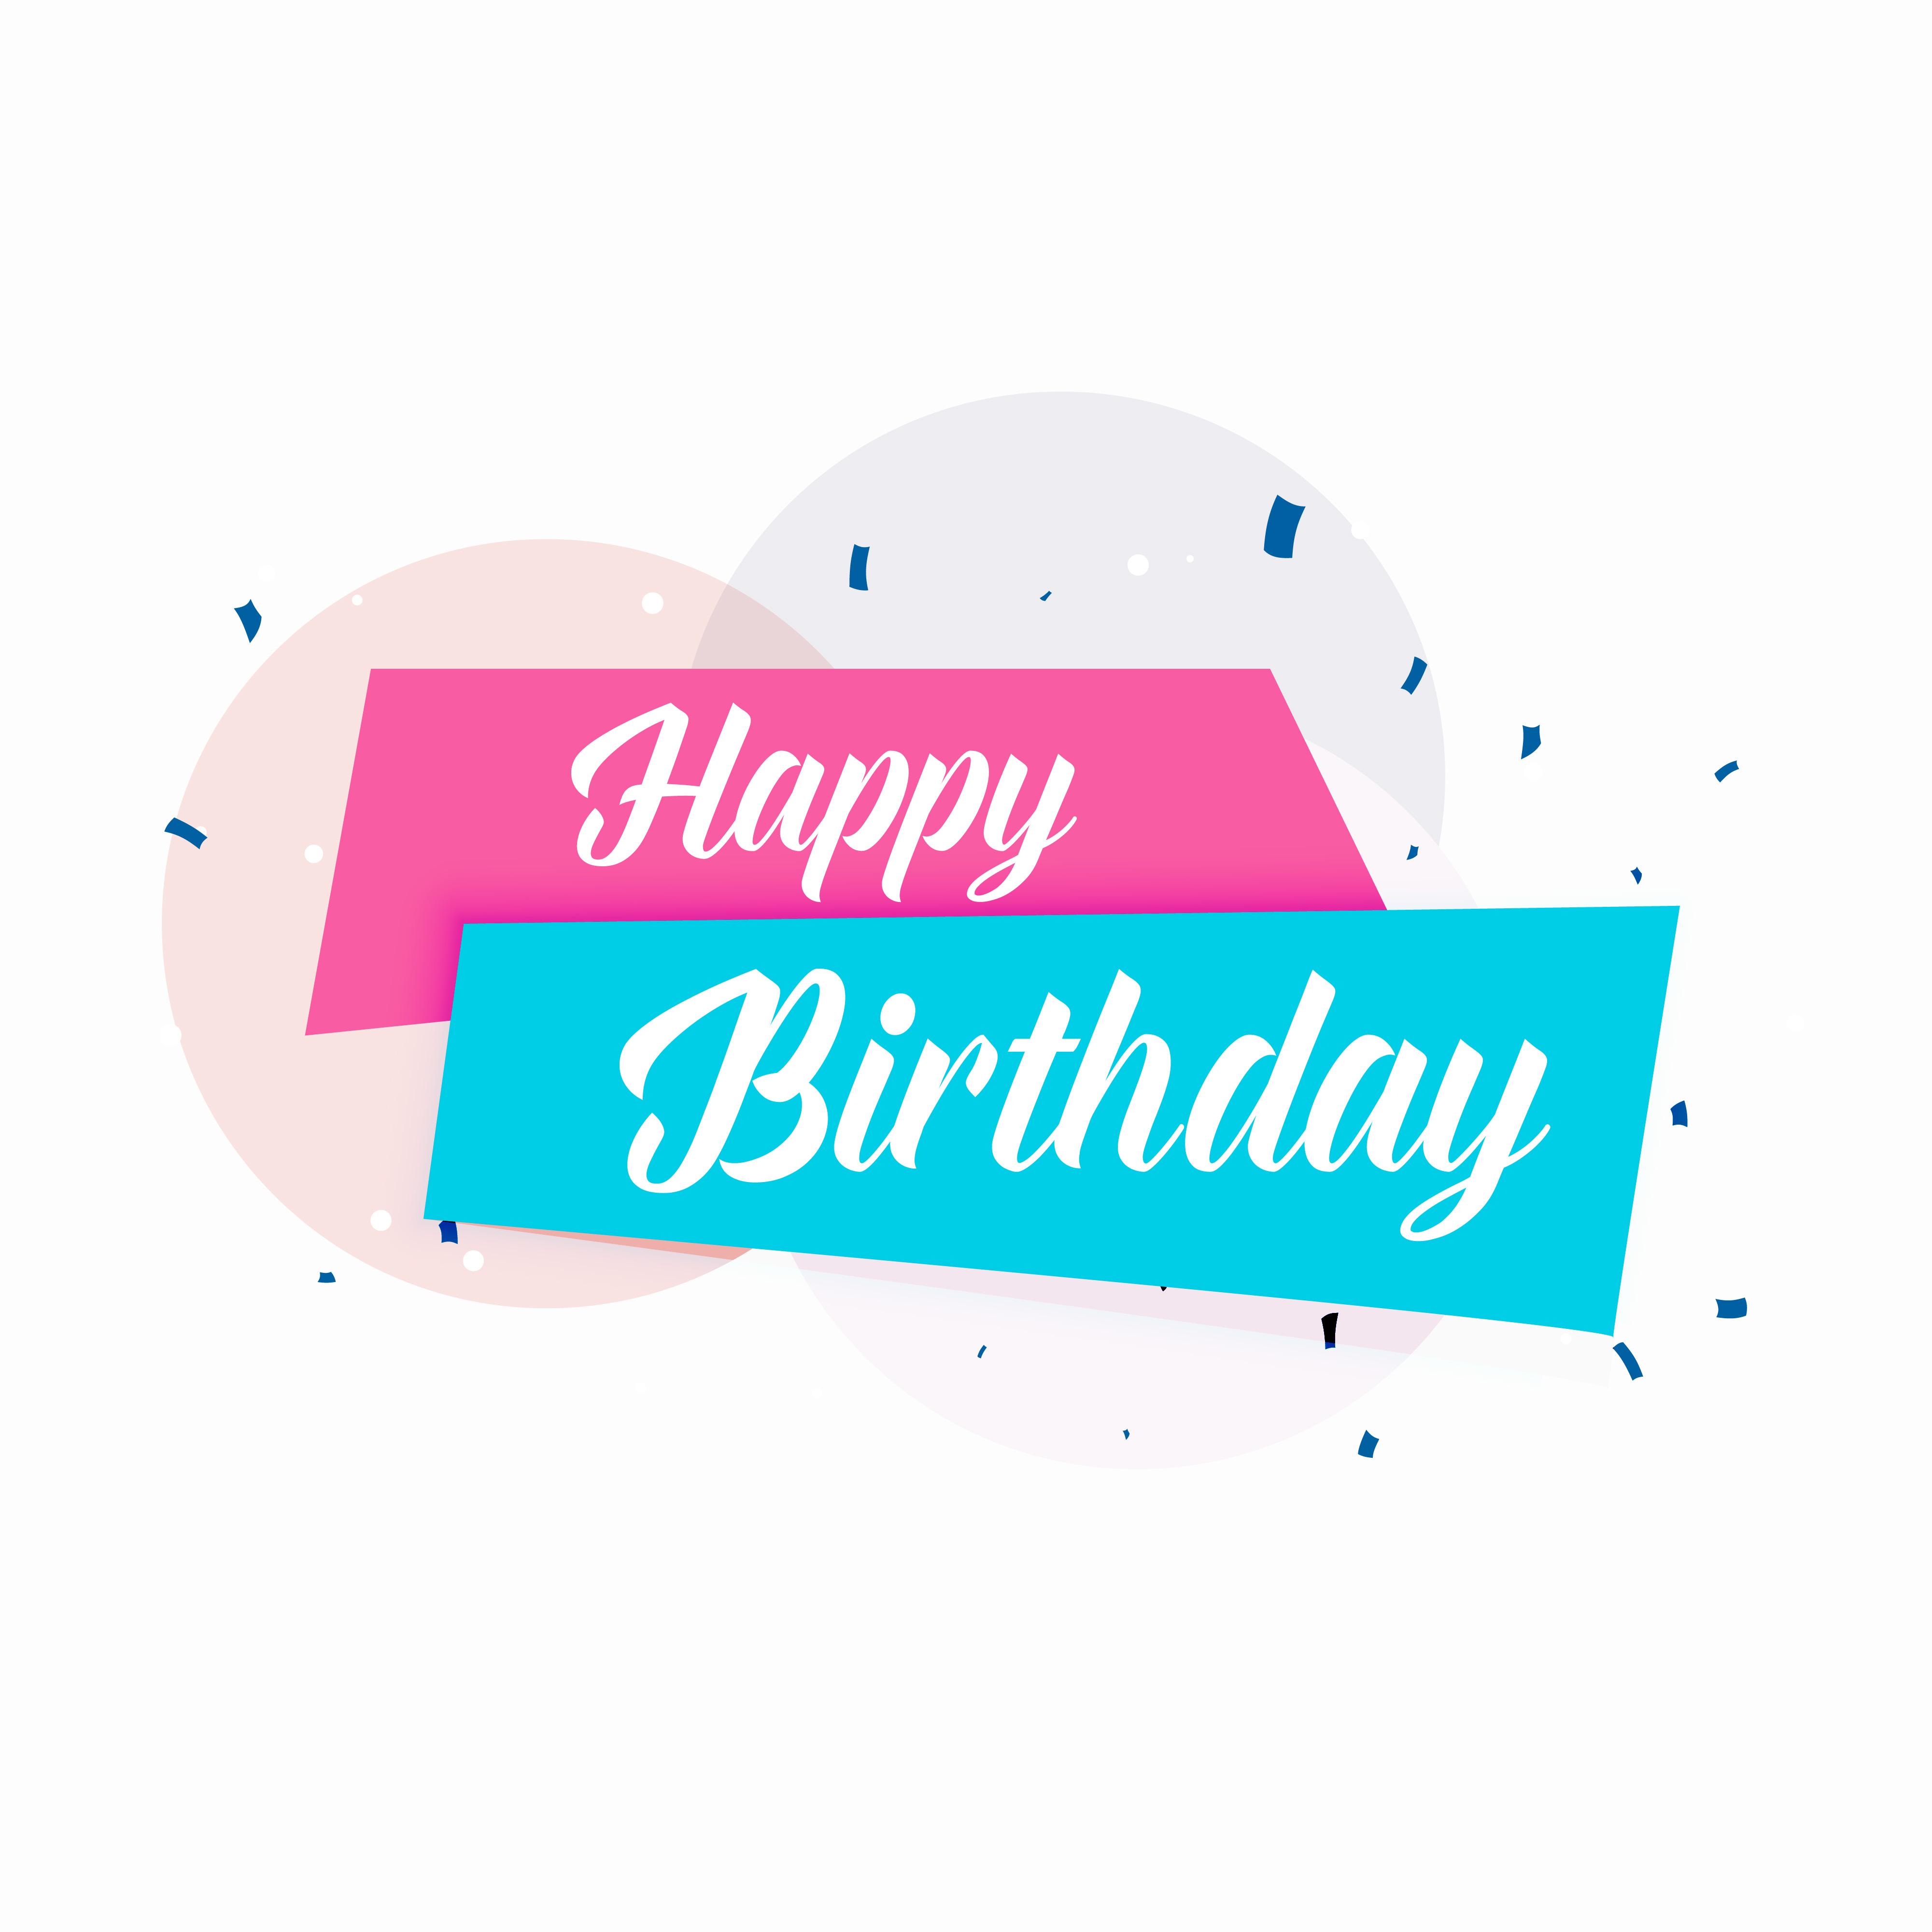 Happy Birthday Vector Simple Card Design